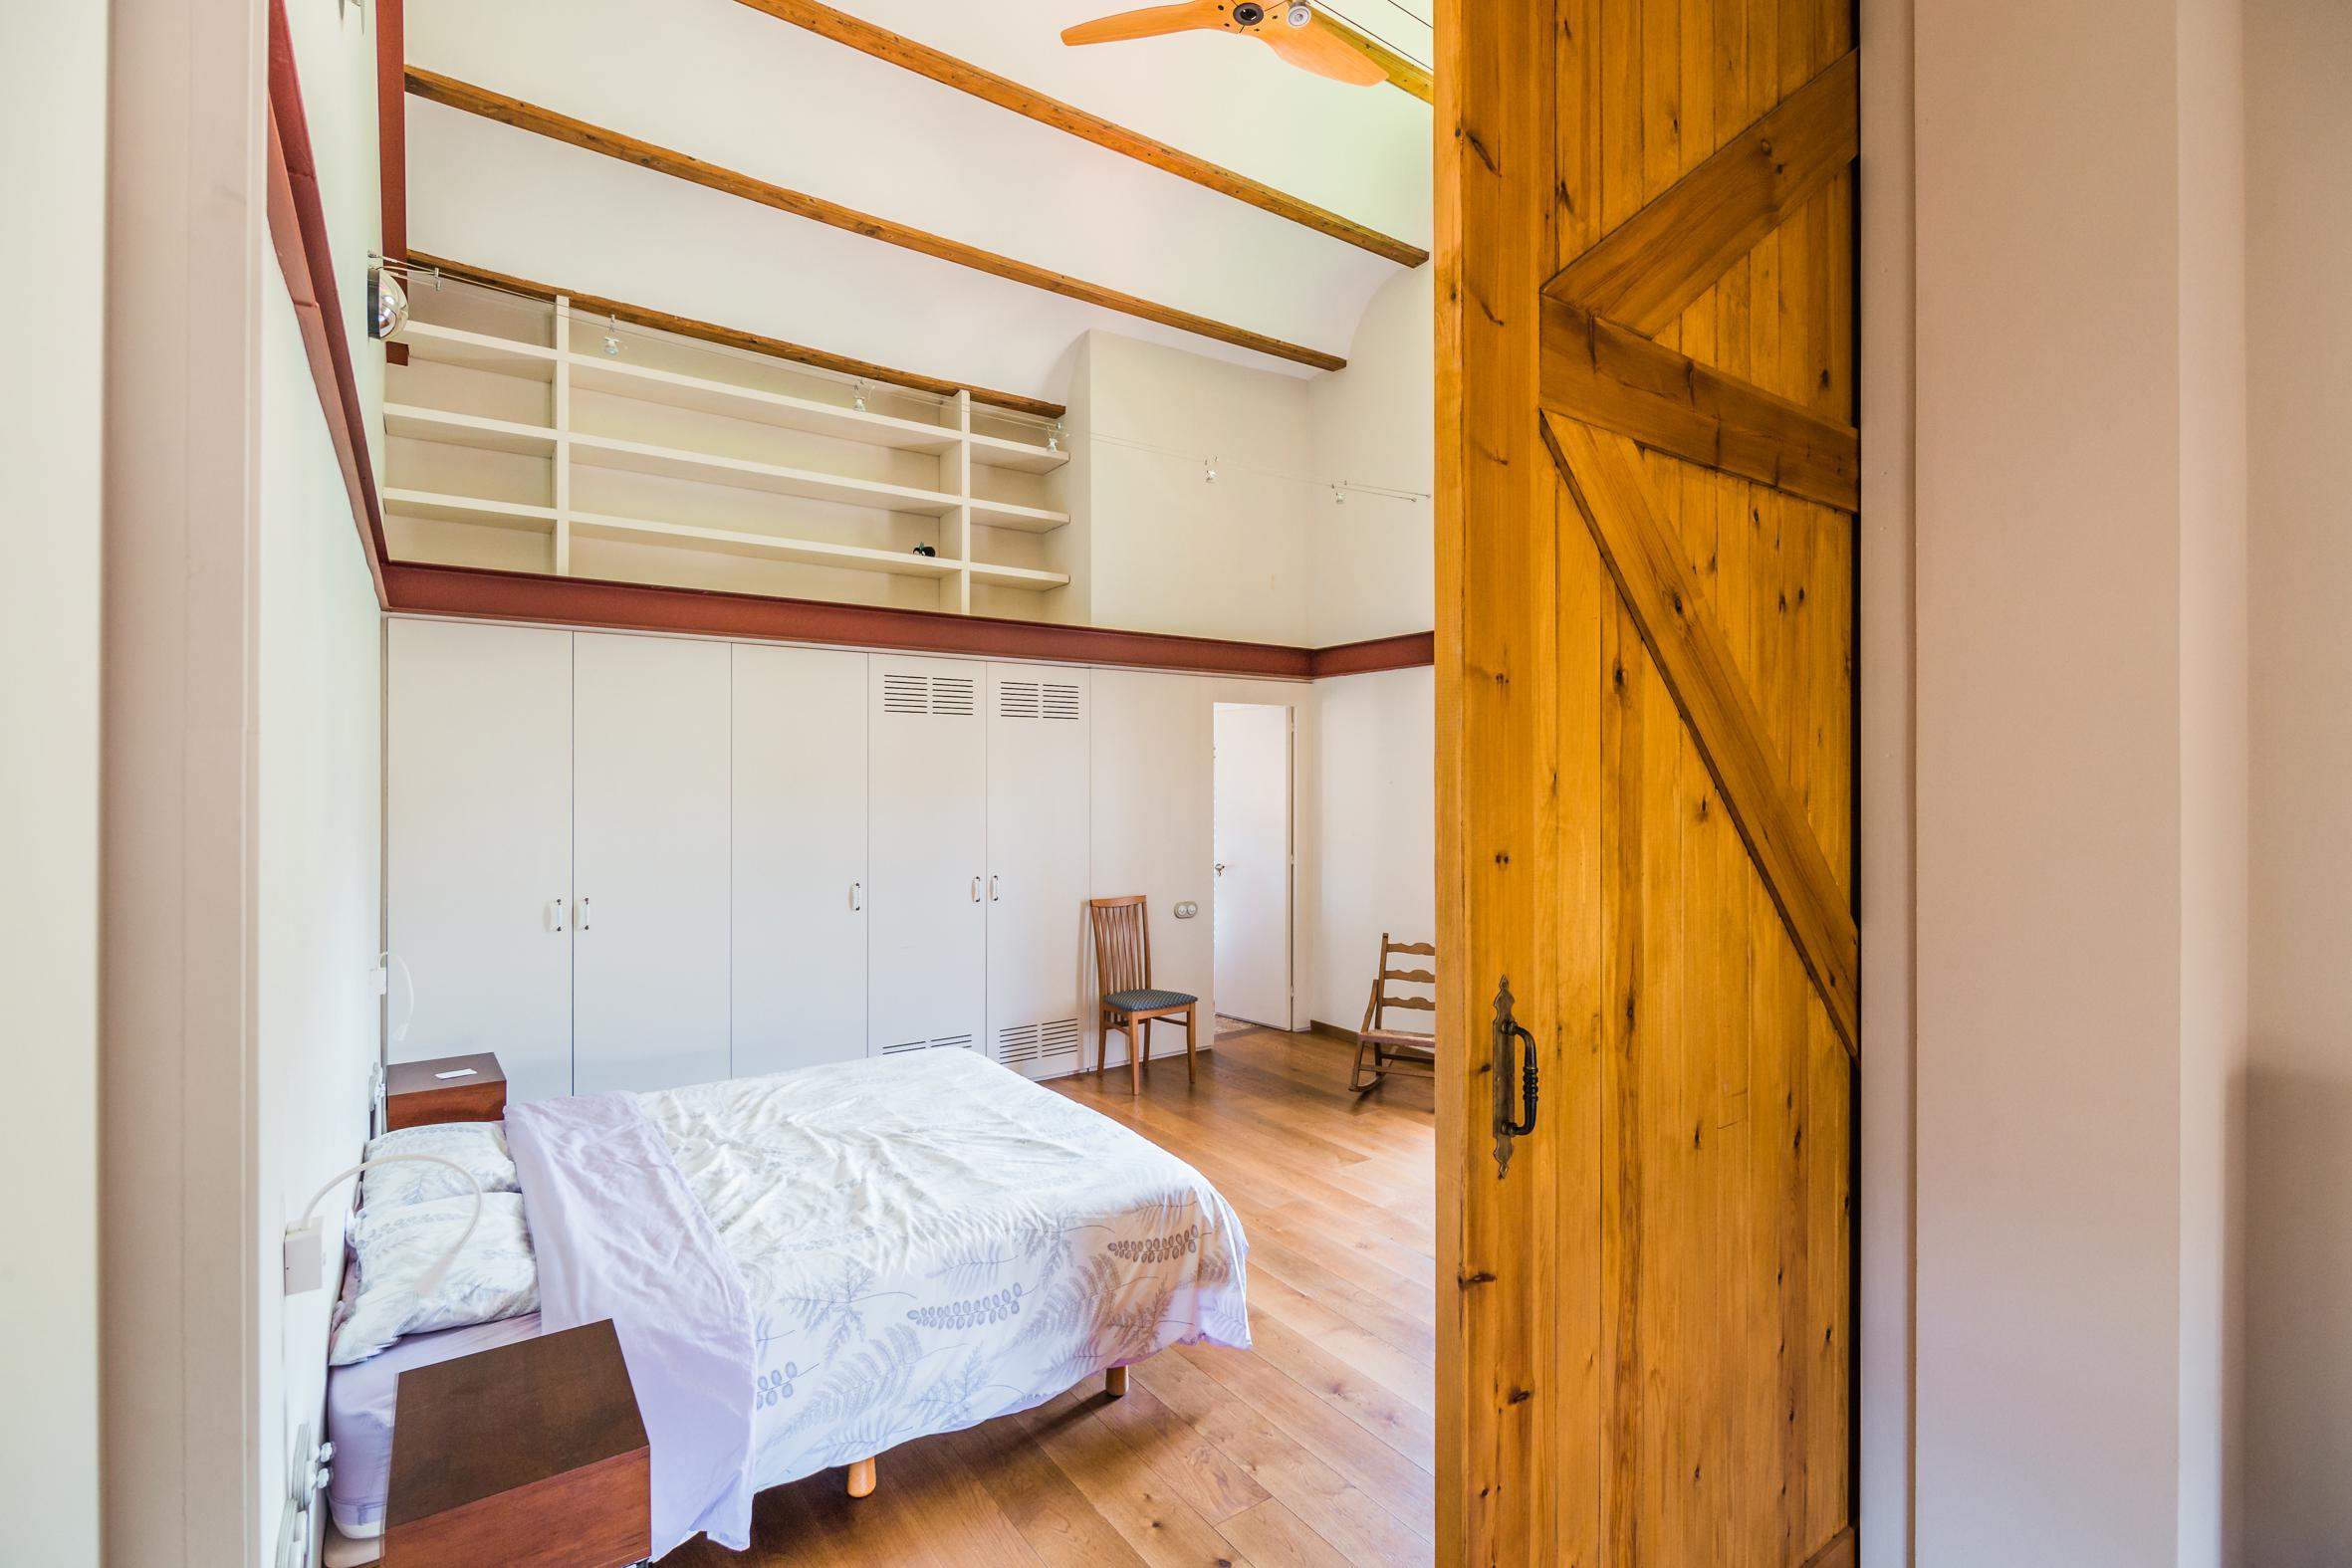 208148 Casa Aislada en venta en Sarrià-Sant Gervasi, Sarrià 21